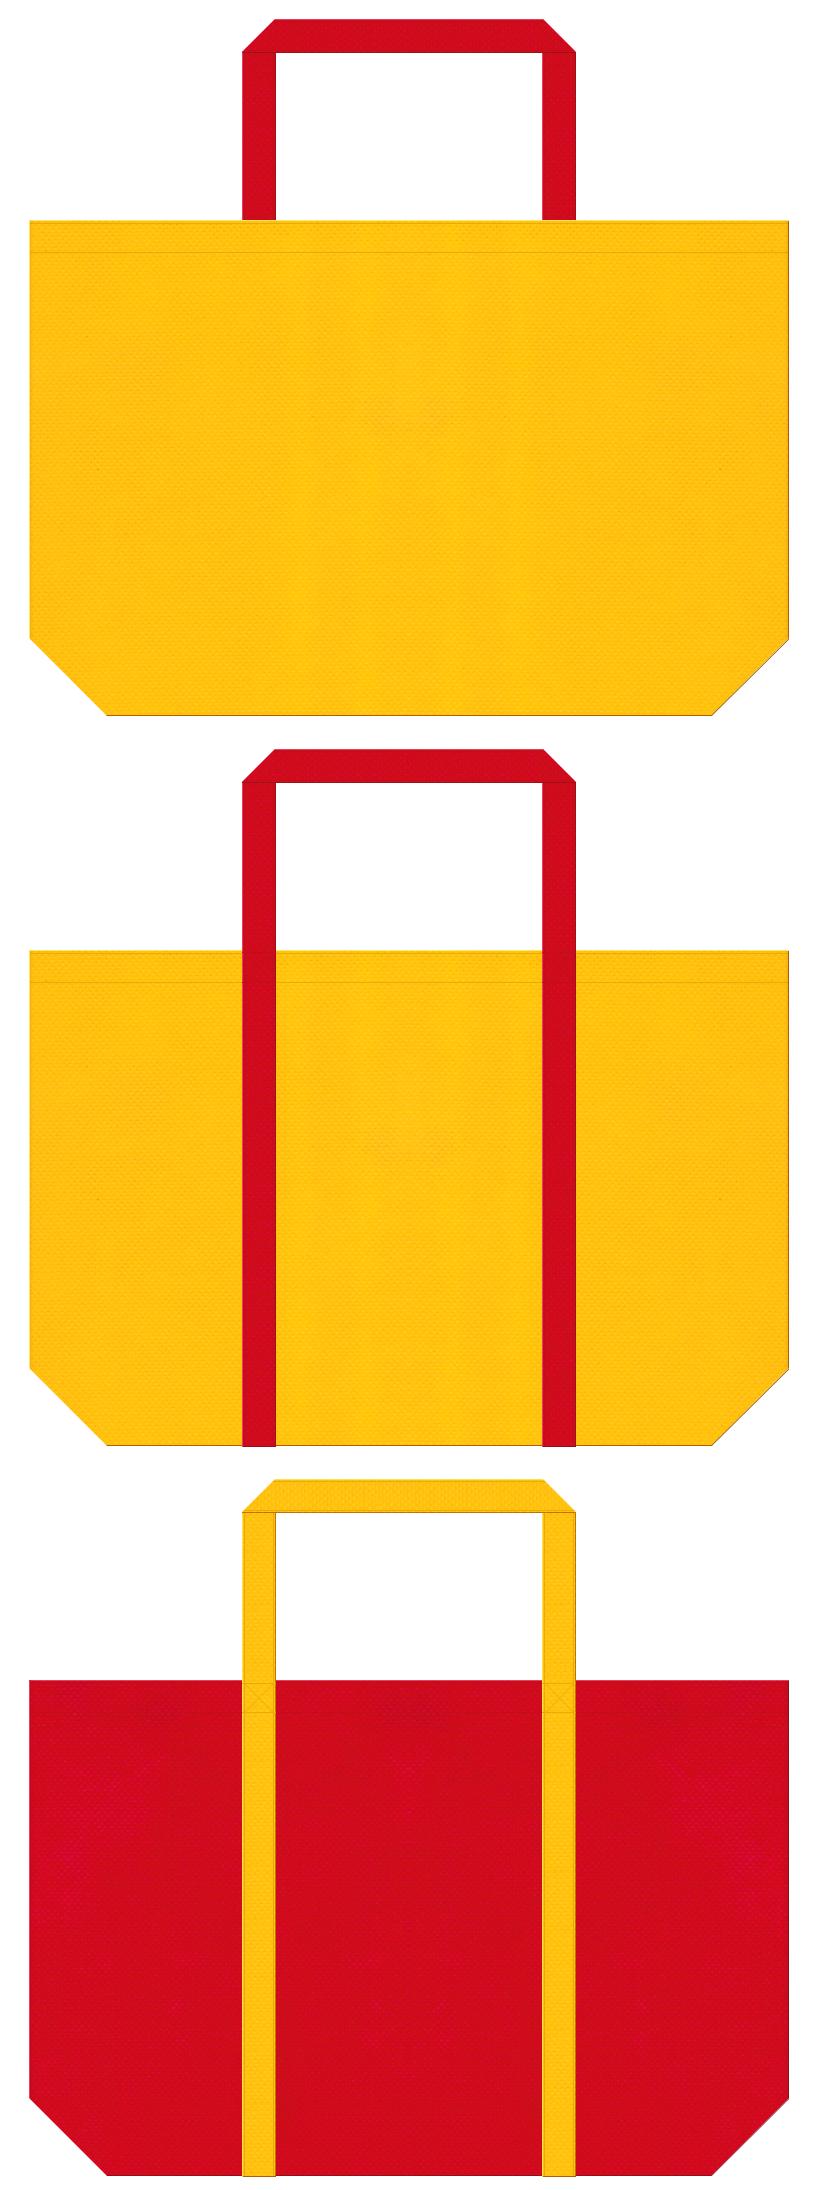 琉球舞踊・アフリカ・カーニバル・サンバ・ピエロ・サーカス・ゲーム・パズル・おもちゃ・テーマパーク・節分・赤鬼・通園バッグ・キッズイベントにお奨めの不織布バッグデザイン:黄色と紅色のコーデ